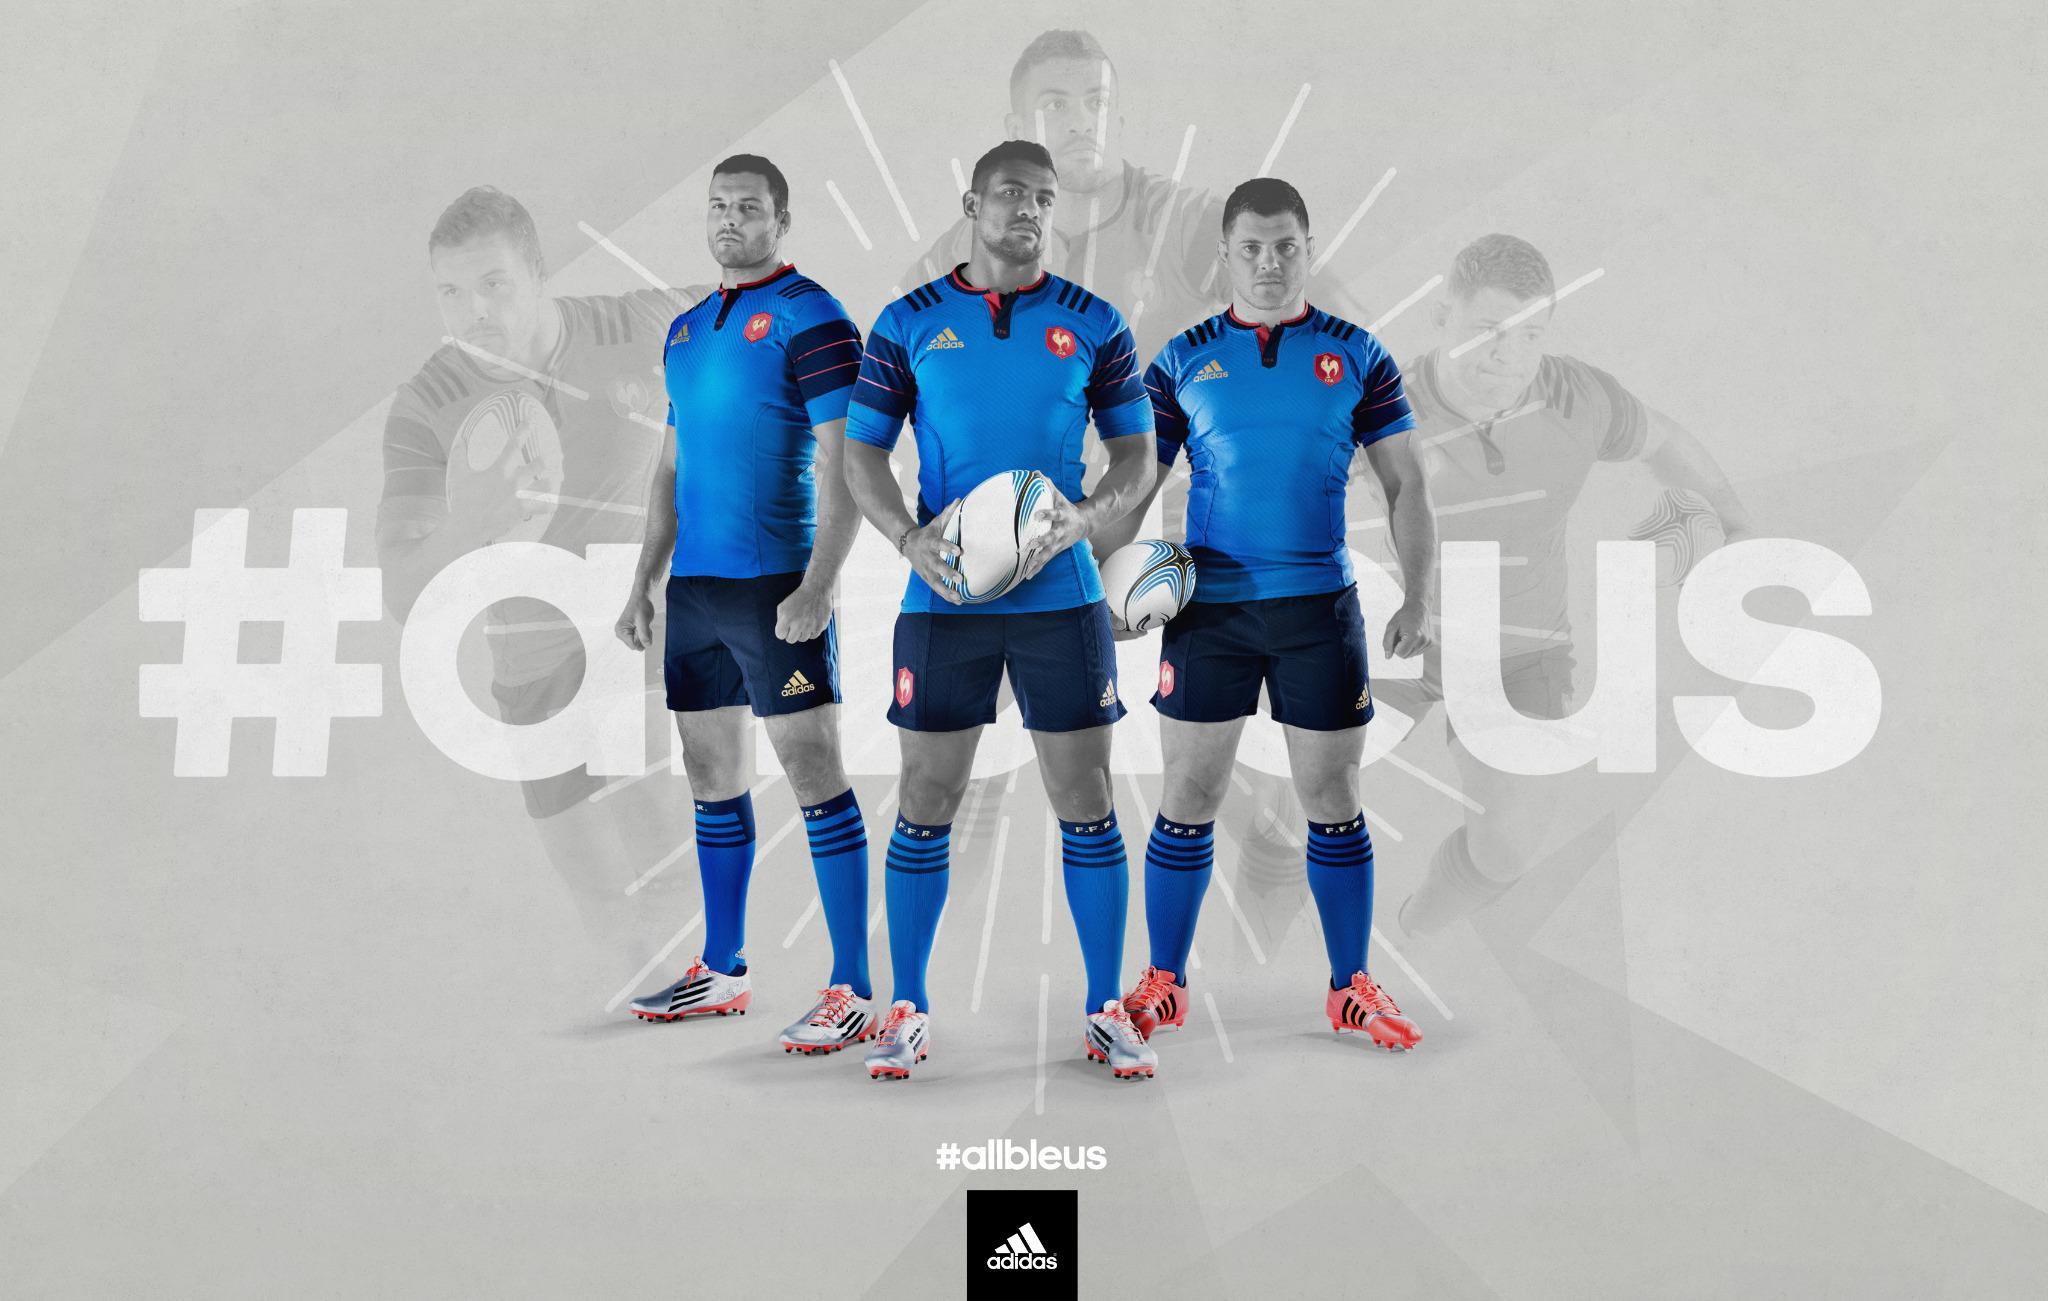 Le nouveau maillot du XV de France par Adidas.